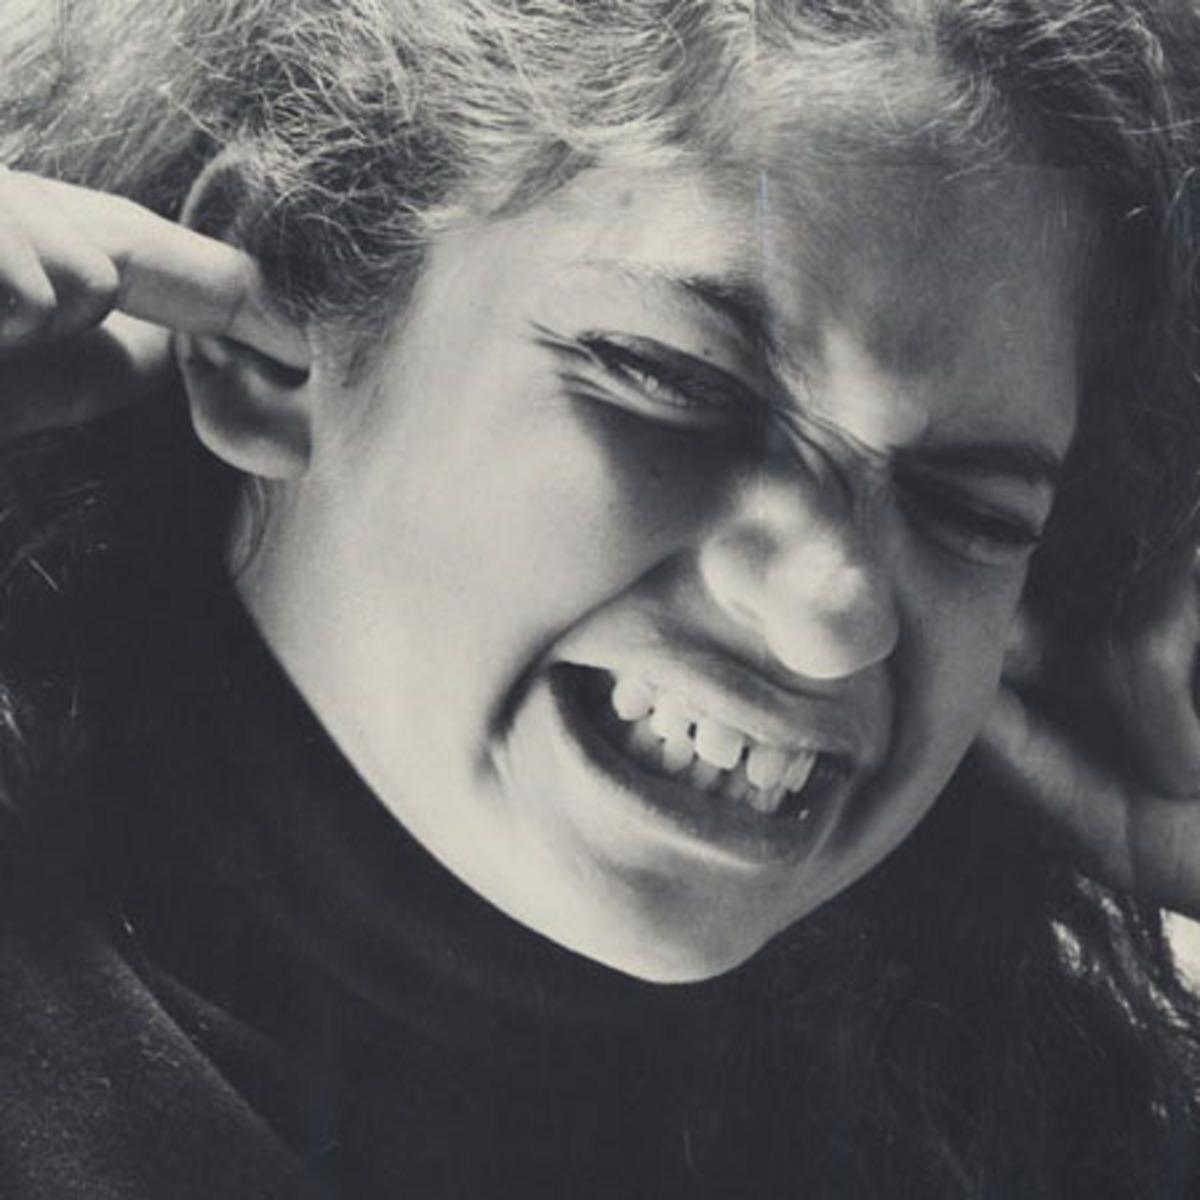 Ποιος είναι ο πιο δυσάρεστος ήχος για το ανθρώπινο αυτί; | Newsit.gr